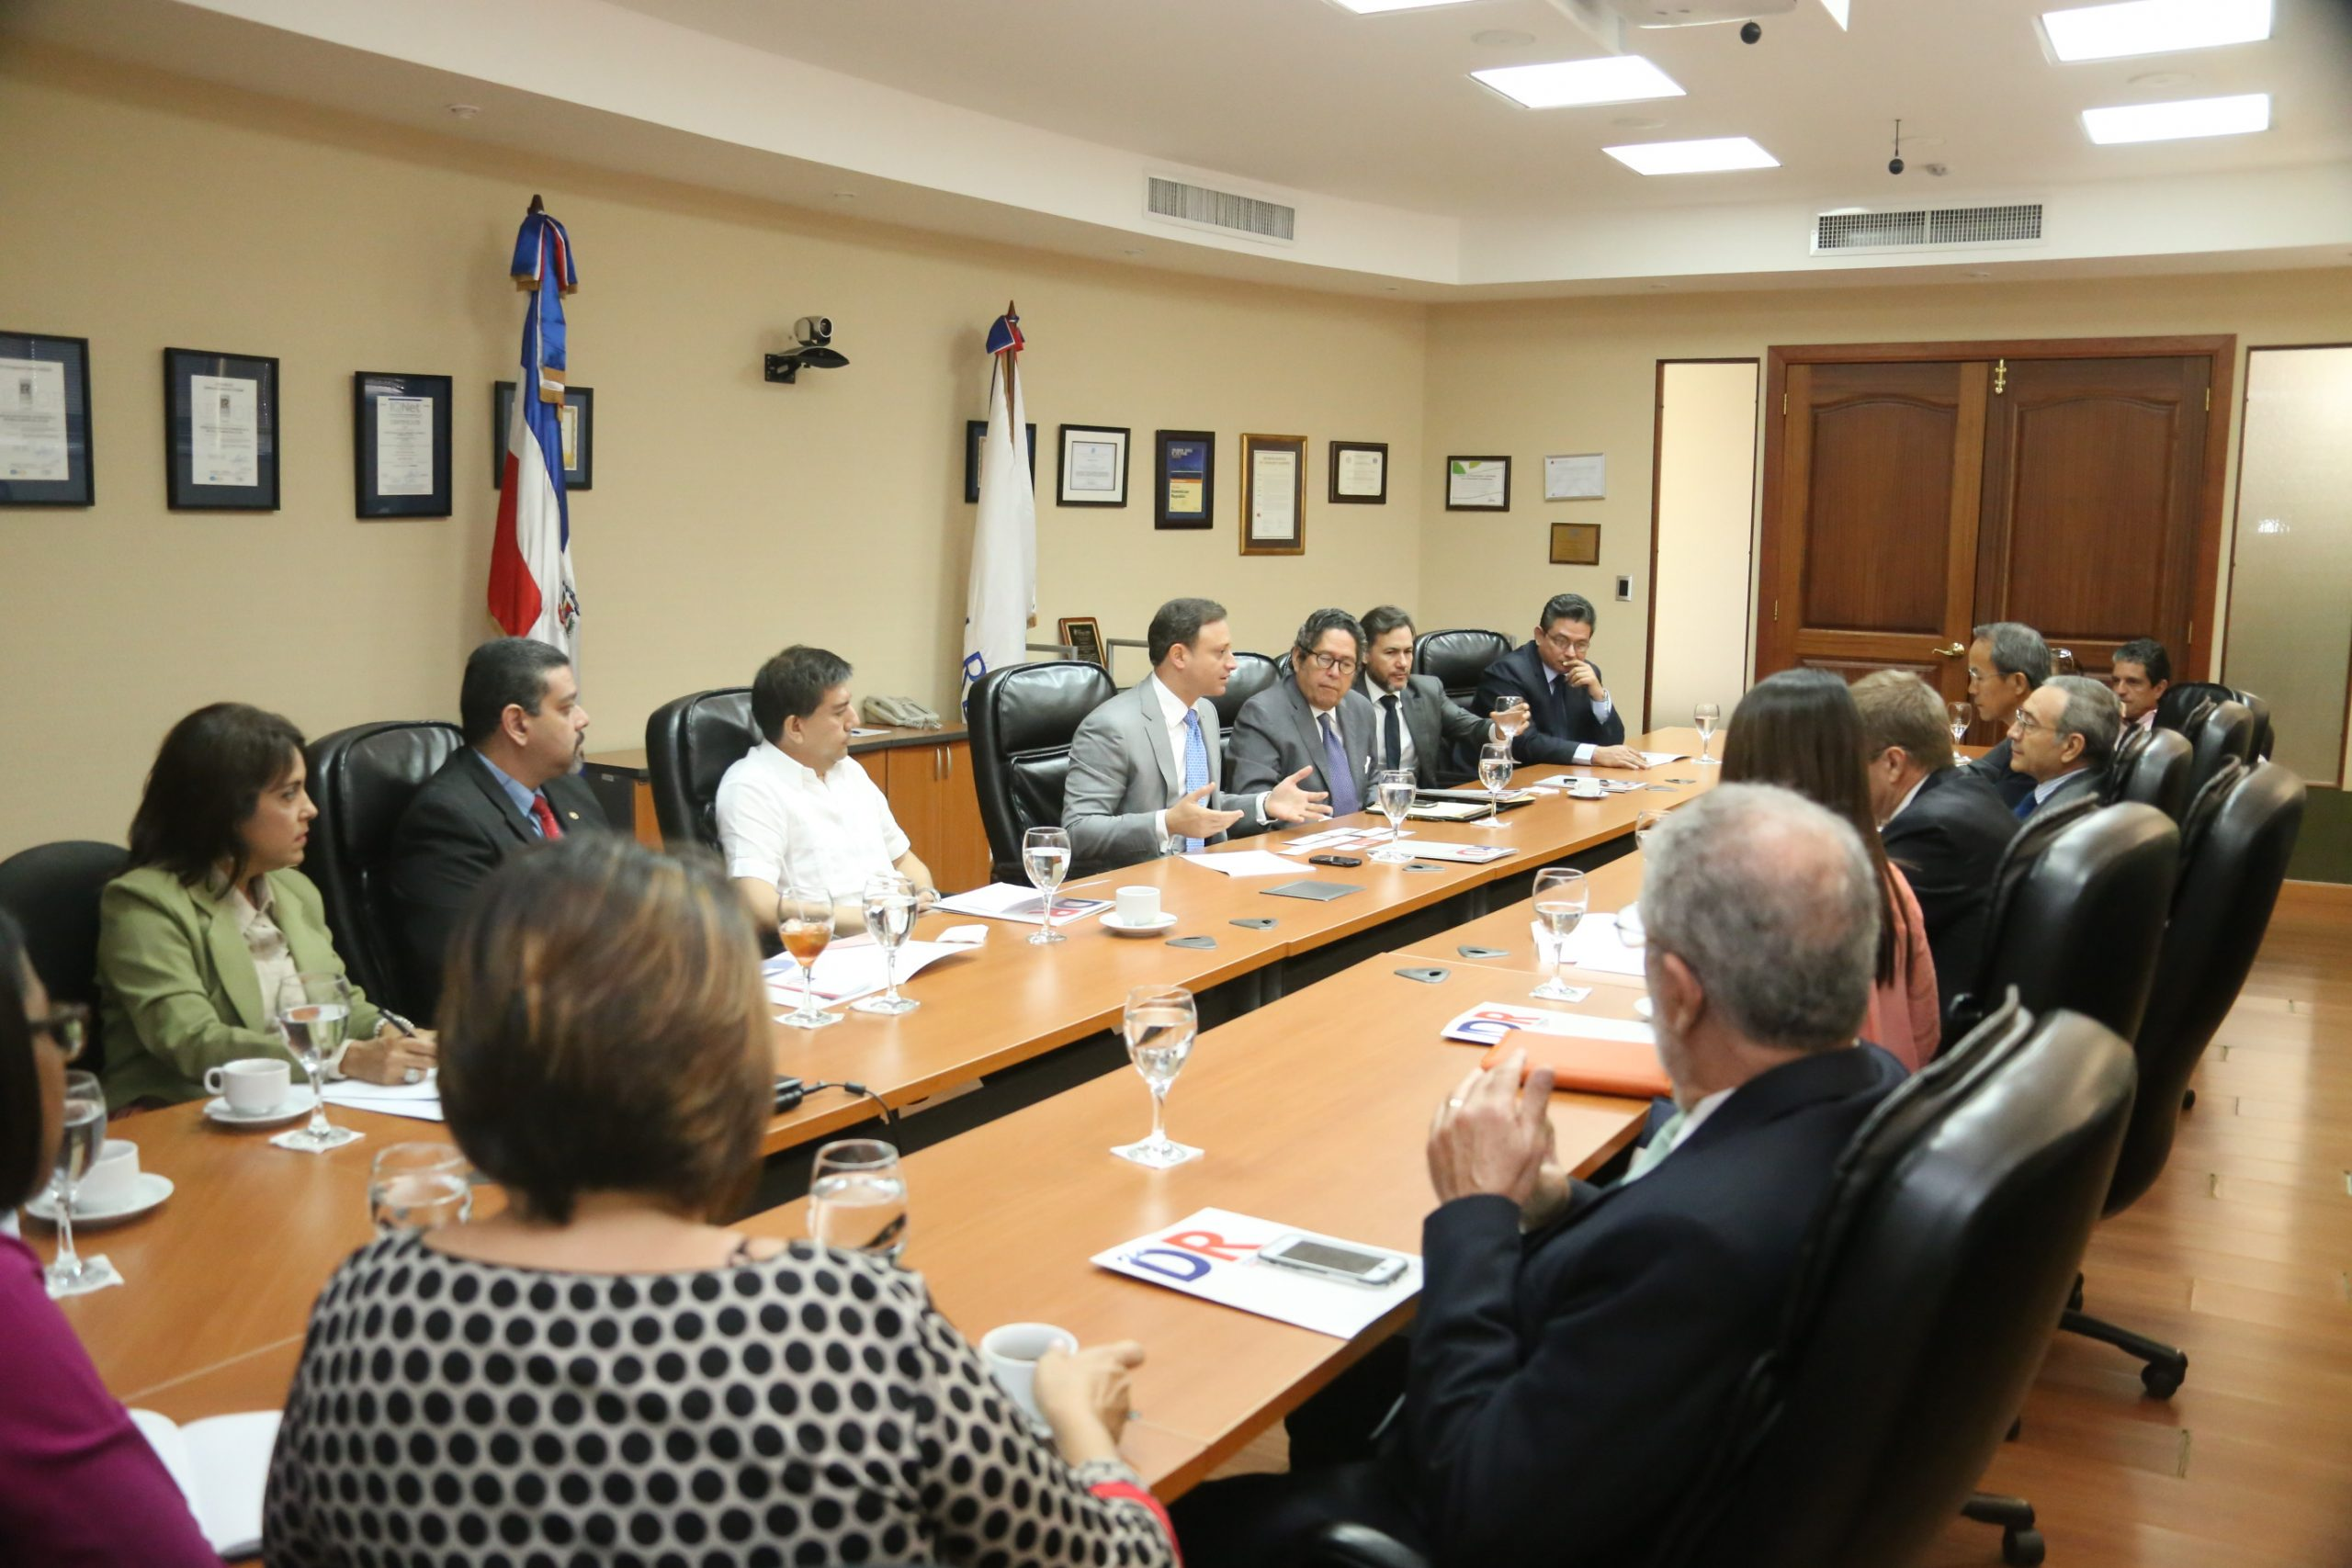 El director del CEI-RD se reunión con embajadores y representantes de Cámaras de Comercio a quienes invitó al Foro Invierte en Puerto Plata.